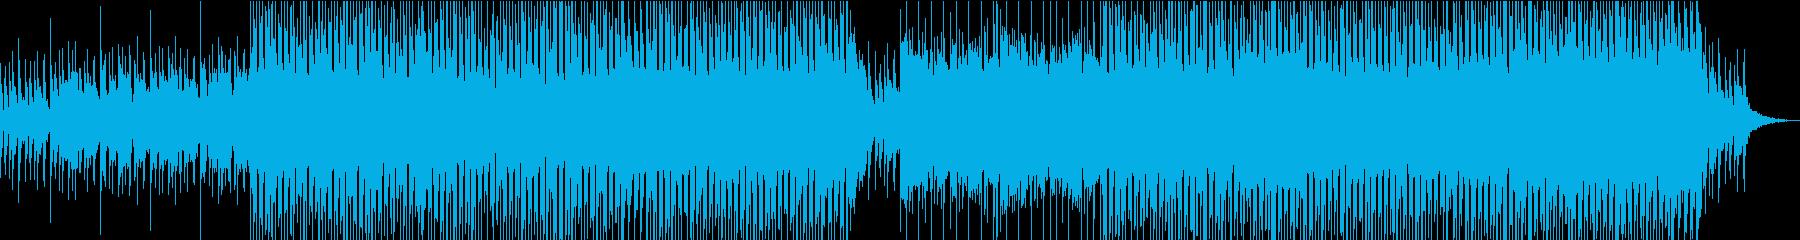 アンビエント コーポレート レトロ...の再生済みの波形